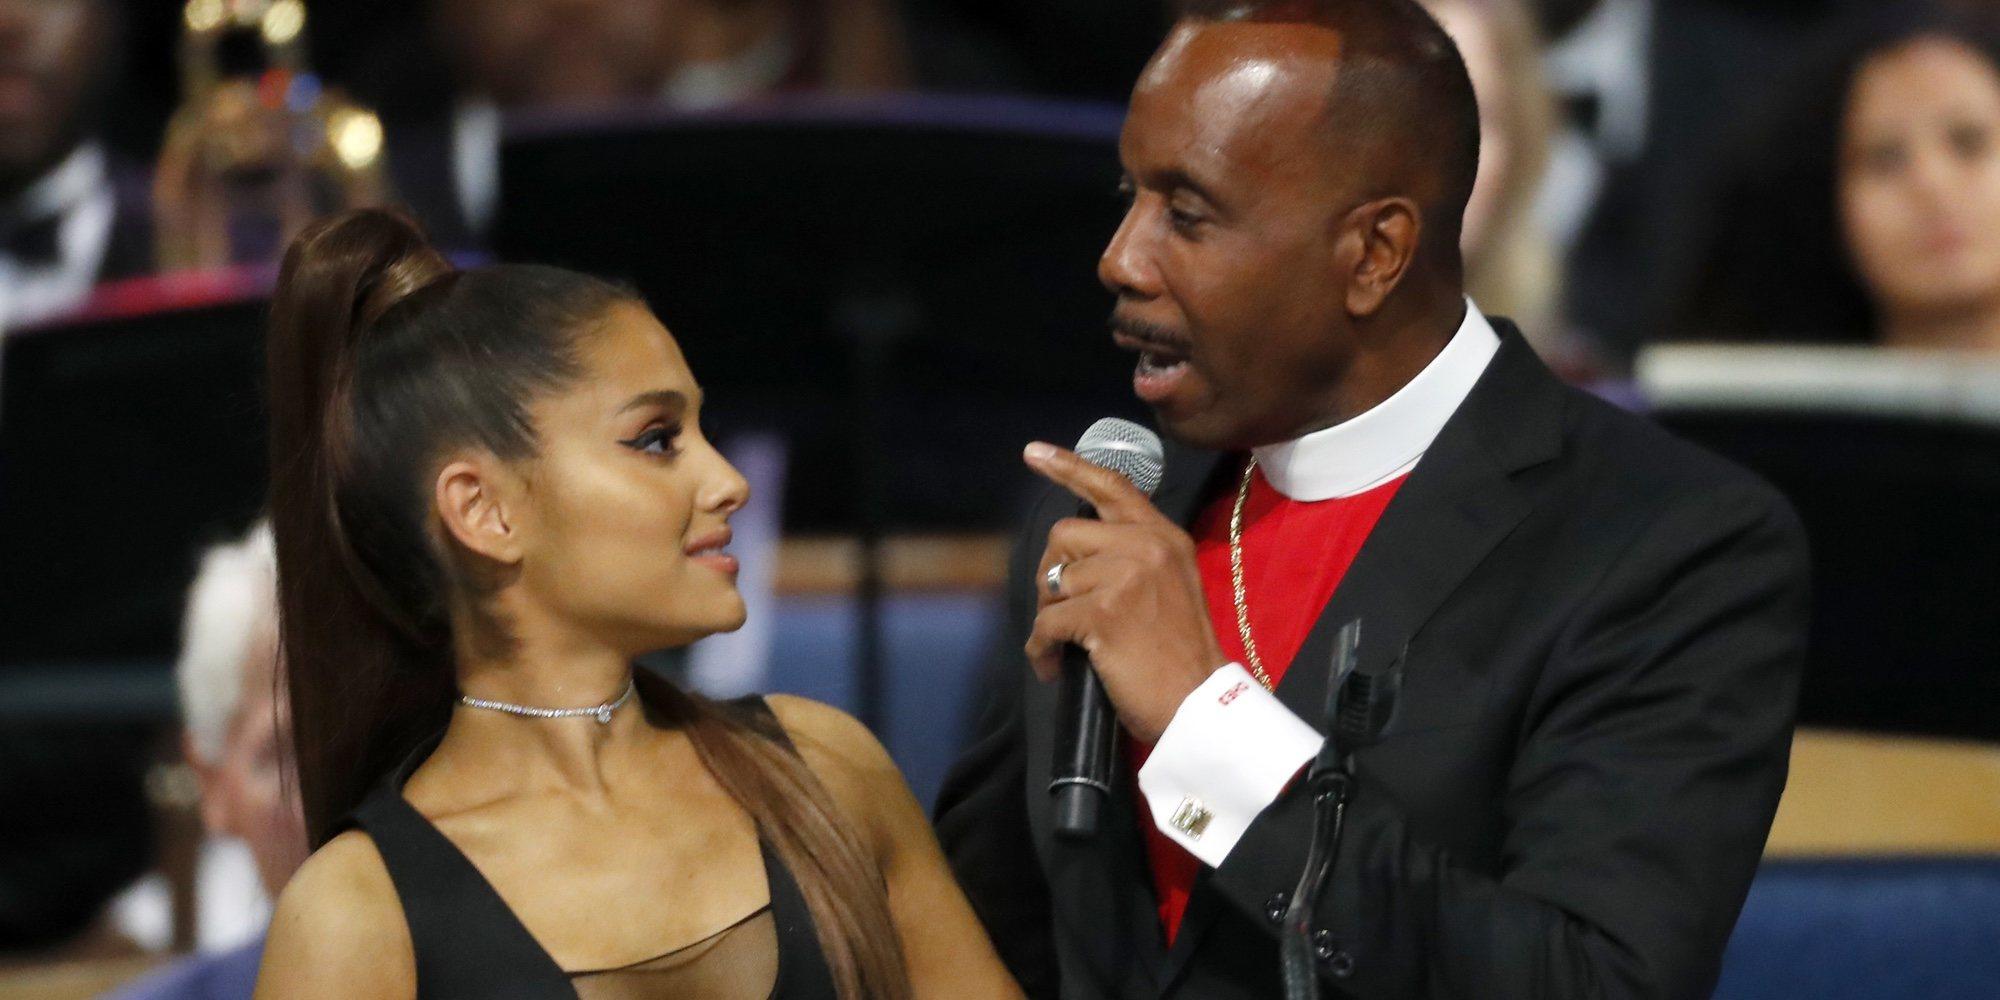 El incómodo momento de Ariana Grande en el funeral de Aretha Franklin